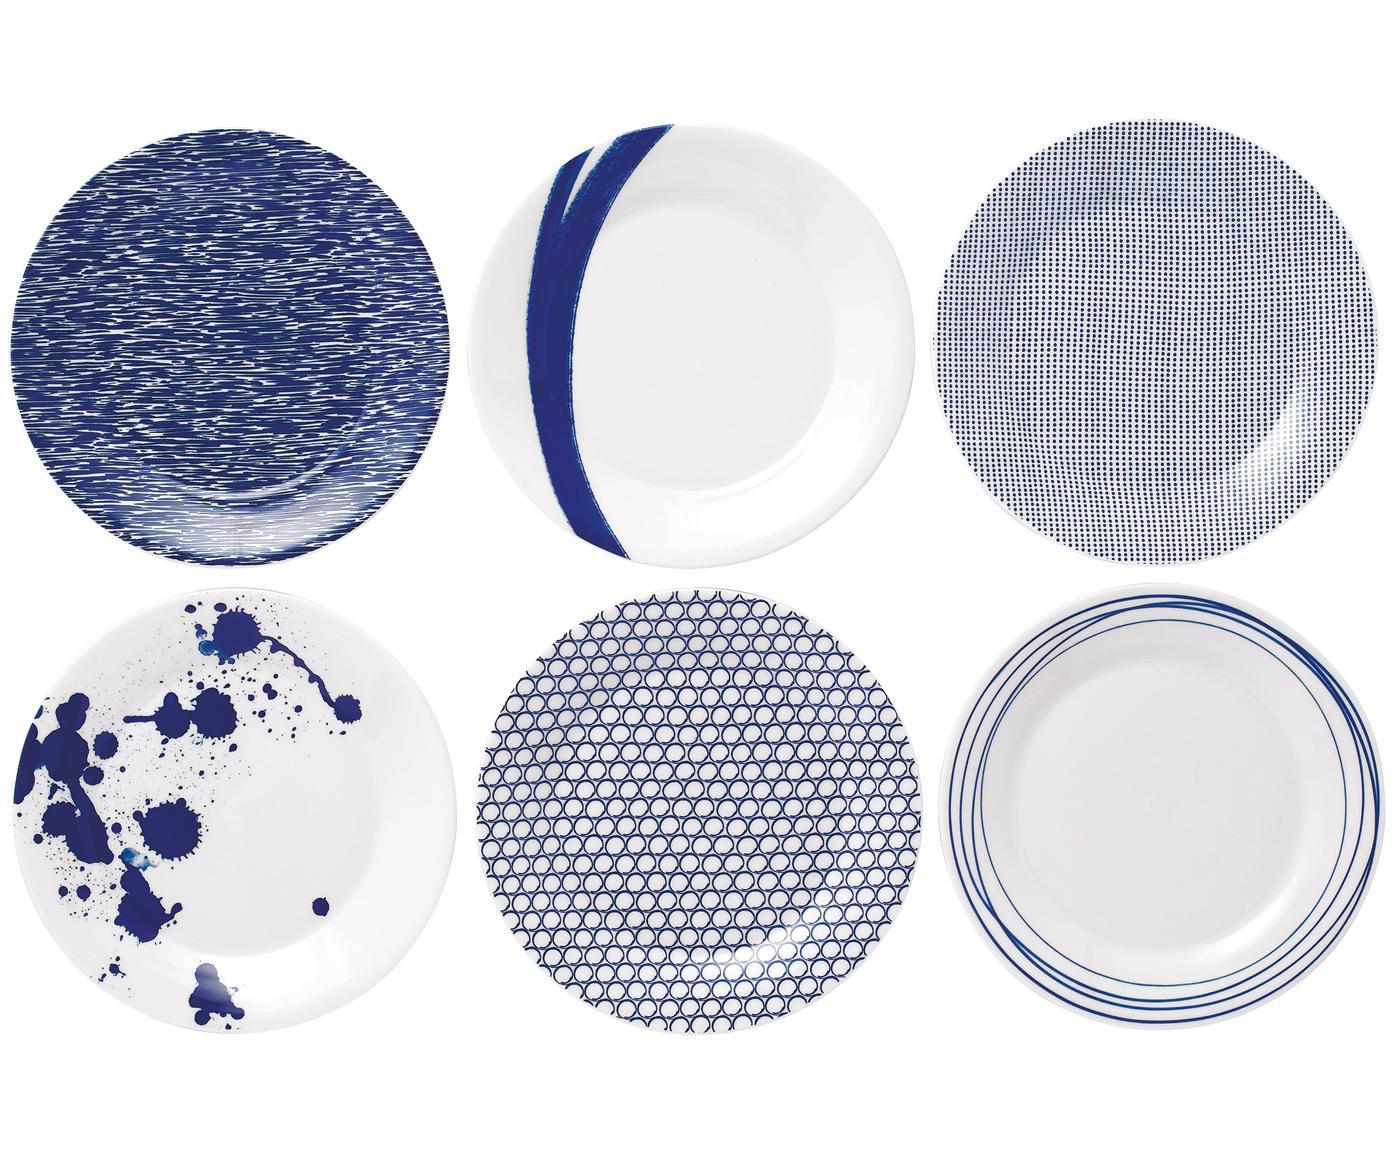 Ontbijtborden Pacific, 6-delig, Porselein, Wit, blauw, Ø 23 cm